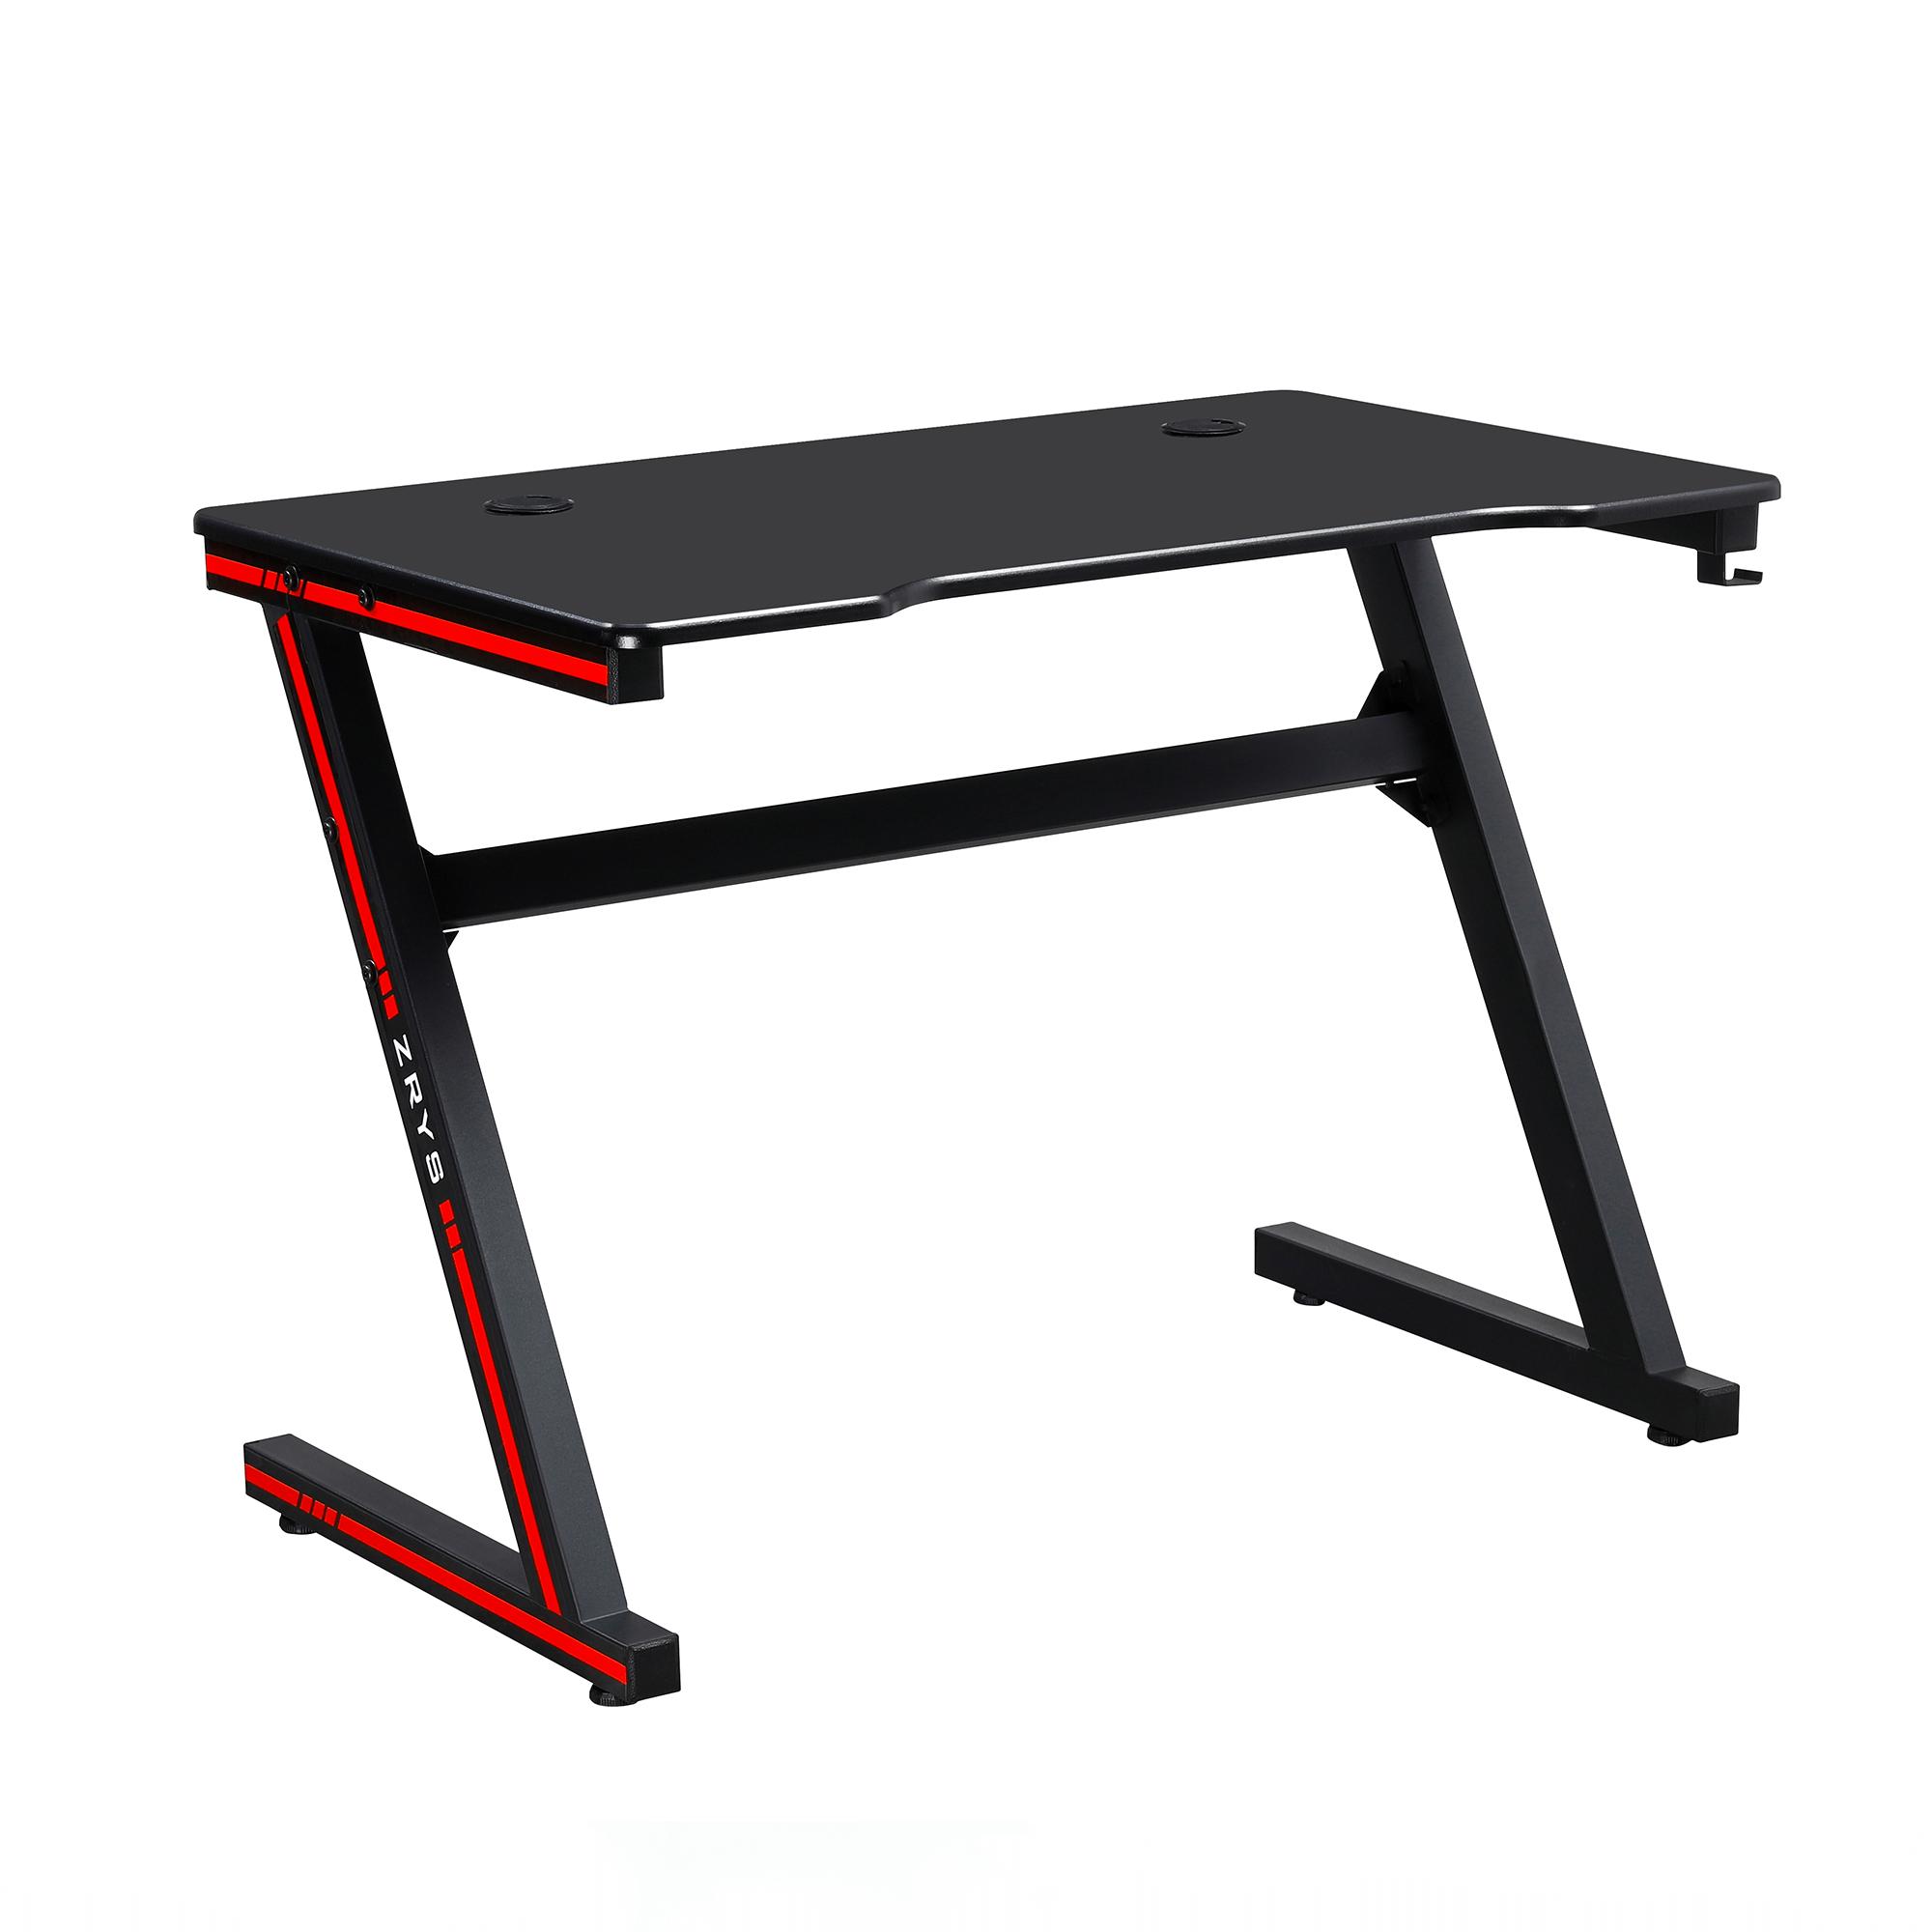 Herný stôl/počítačový stôl, čierna/červená, MACKENZIE 100cm